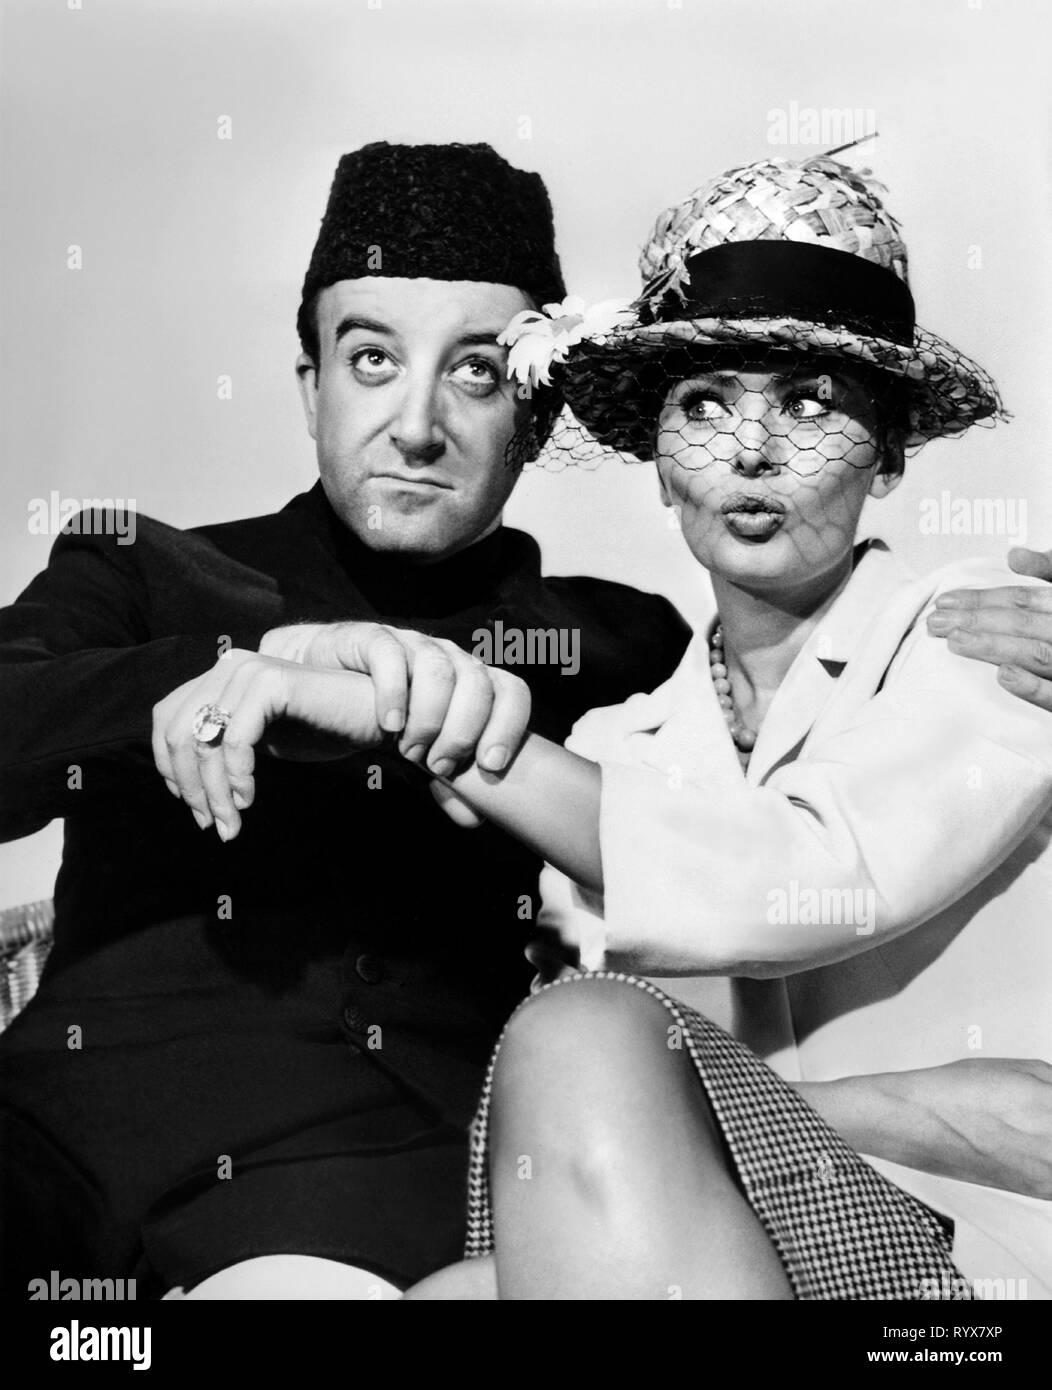 SELLERS,LOREN, THE MILLIONAIRESS, 1960 Stock Photo